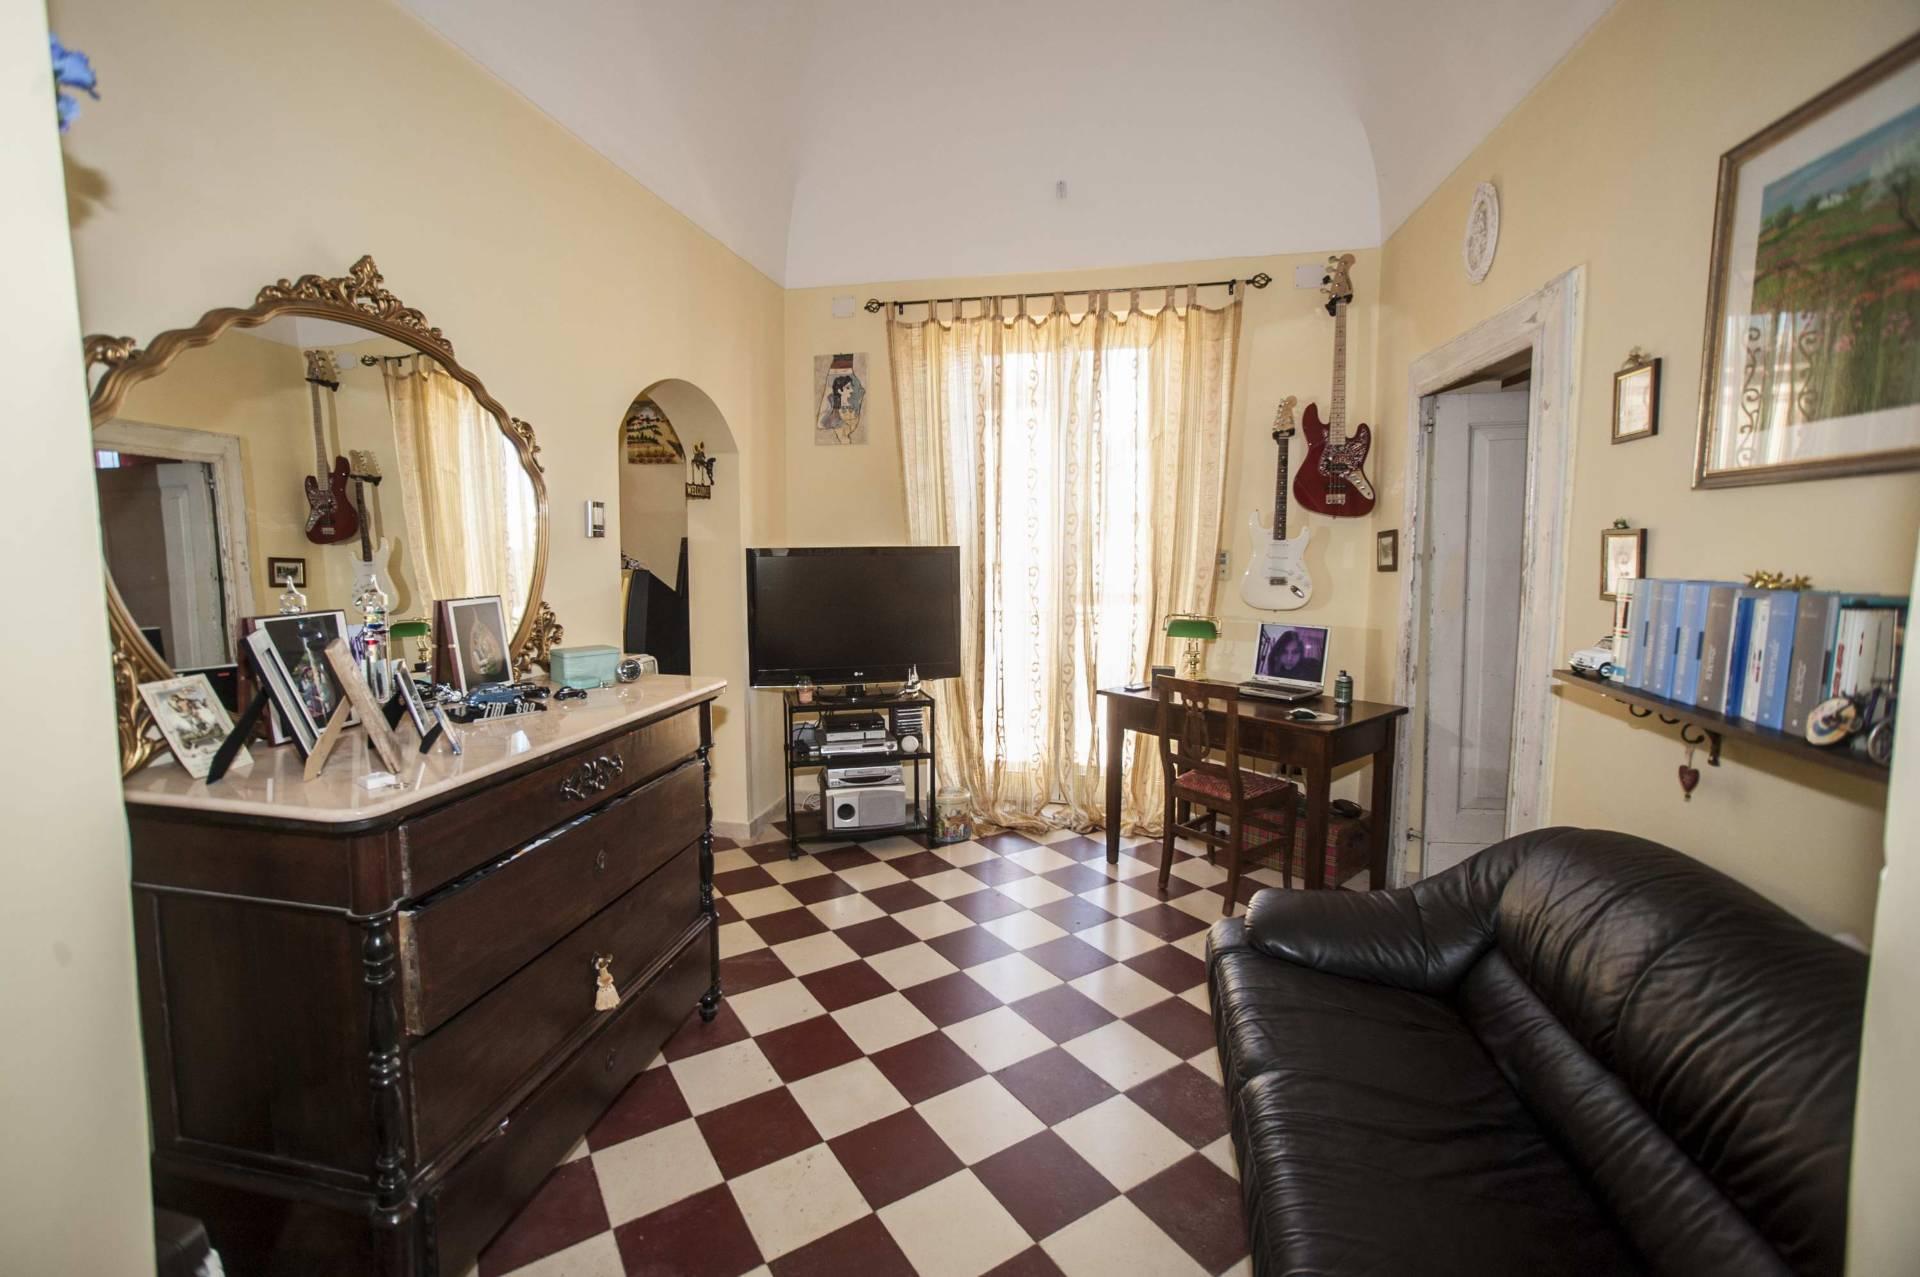 Appartamento in vendita a Chieti, 4 locali, zona Località: Centrostorico, prezzo € 70.000 | PortaleAgenzieImmobiliari.it